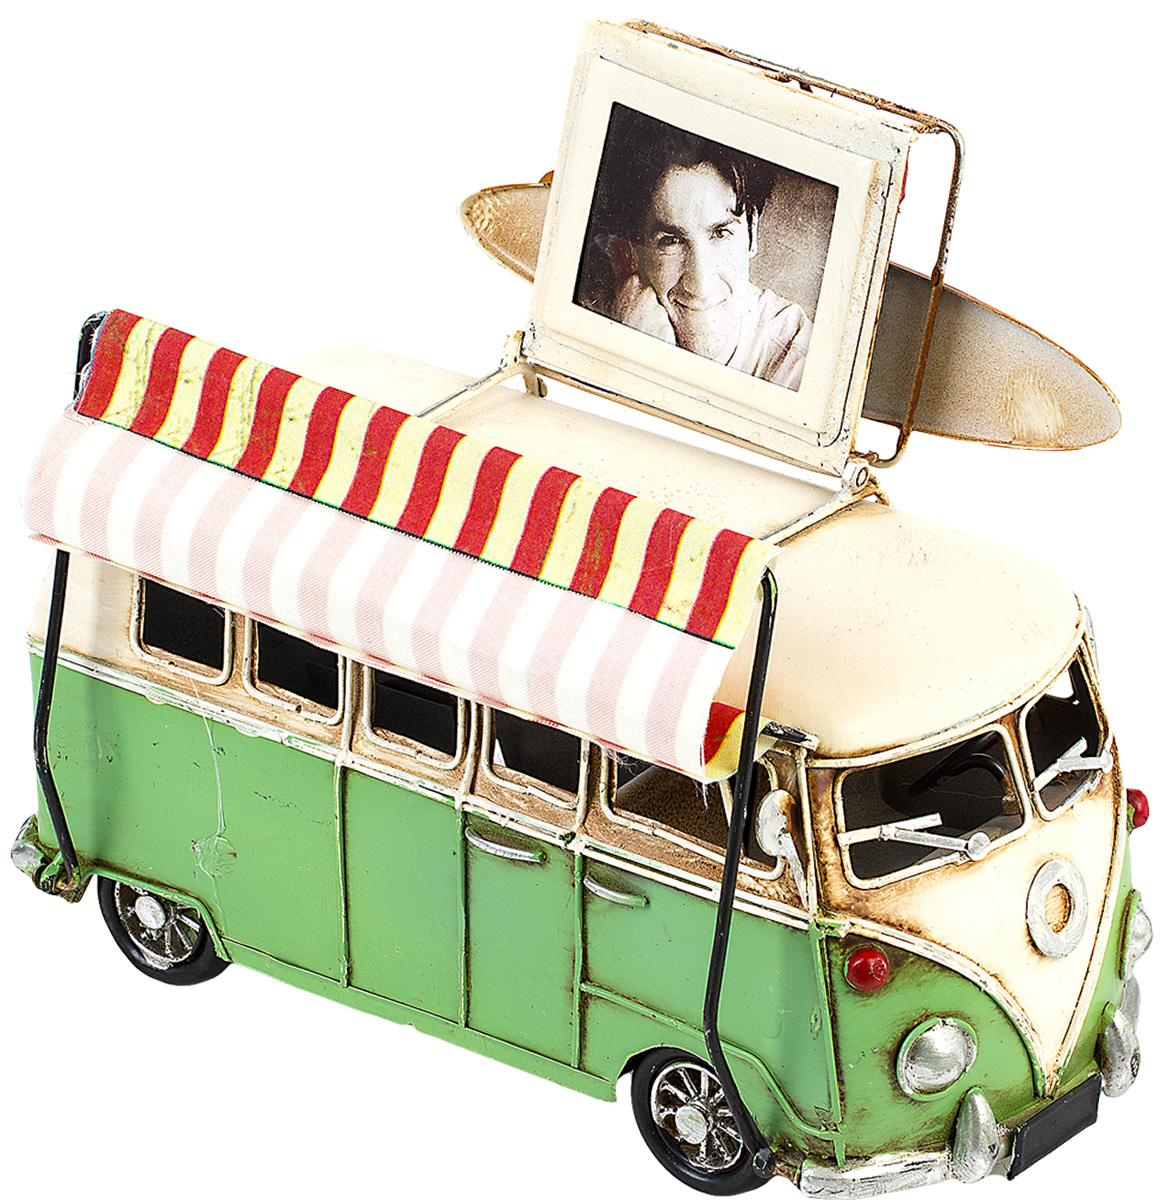 Модель Platinum Автобус, с фоторамкой. 1404E-4348CMS-27/13Модель Platinum Автобус, выполненная из металла, станет оригинальным украшением вашего интерьера. Вы можете поставить модель автобуса в любом месте, где она будет удачно смотреться.Изделие дополнено фоторамкой, куда вы можете вставить вашу любимую фотографию.Качество исполнения, точные детали и оригинальный дизайн выделяют эту модель среди ряда подобных. Модель займет достойное место в вашей коллекции, а также приятно удивит получателя в качестве стильного сувенира.Размер фотографии: 4 х 5 см.